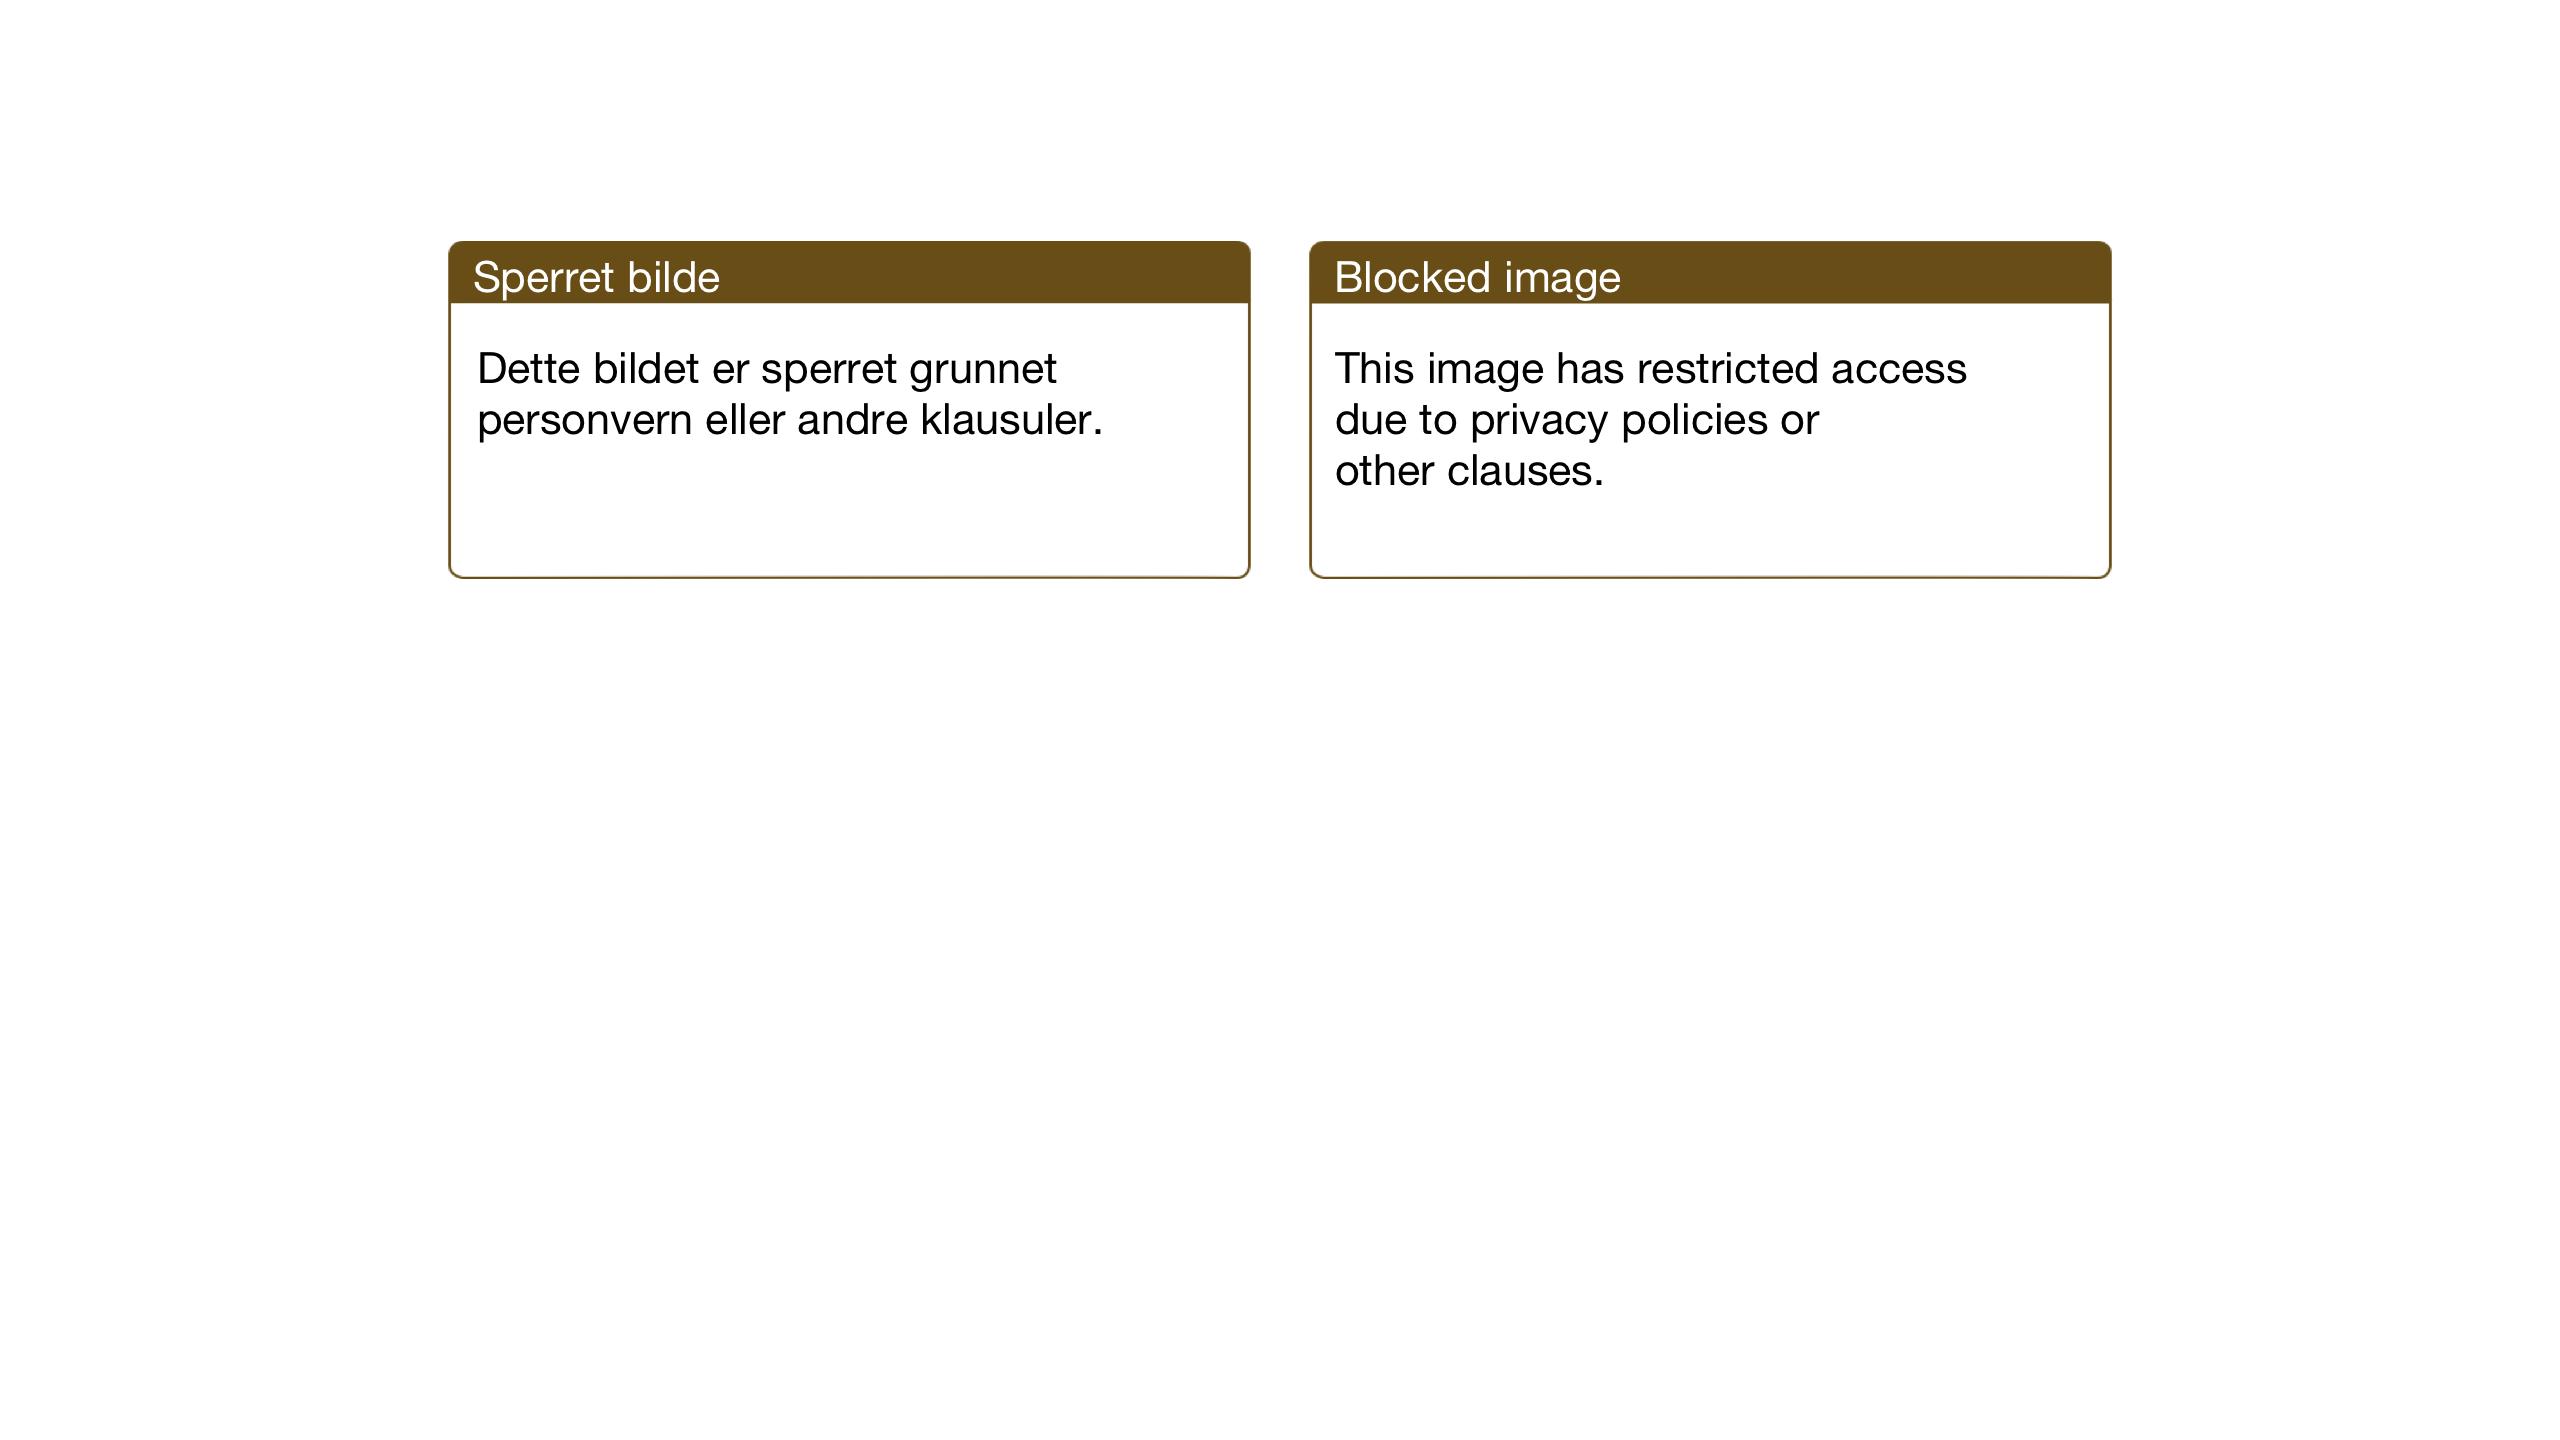 SAT, Ministerialprotokoller, klokkerbøker og fødselsregistre - Sør-Trøndelag, 616/L0424: Klokkerbok nr. 616C07, 1904-1940, s. 50